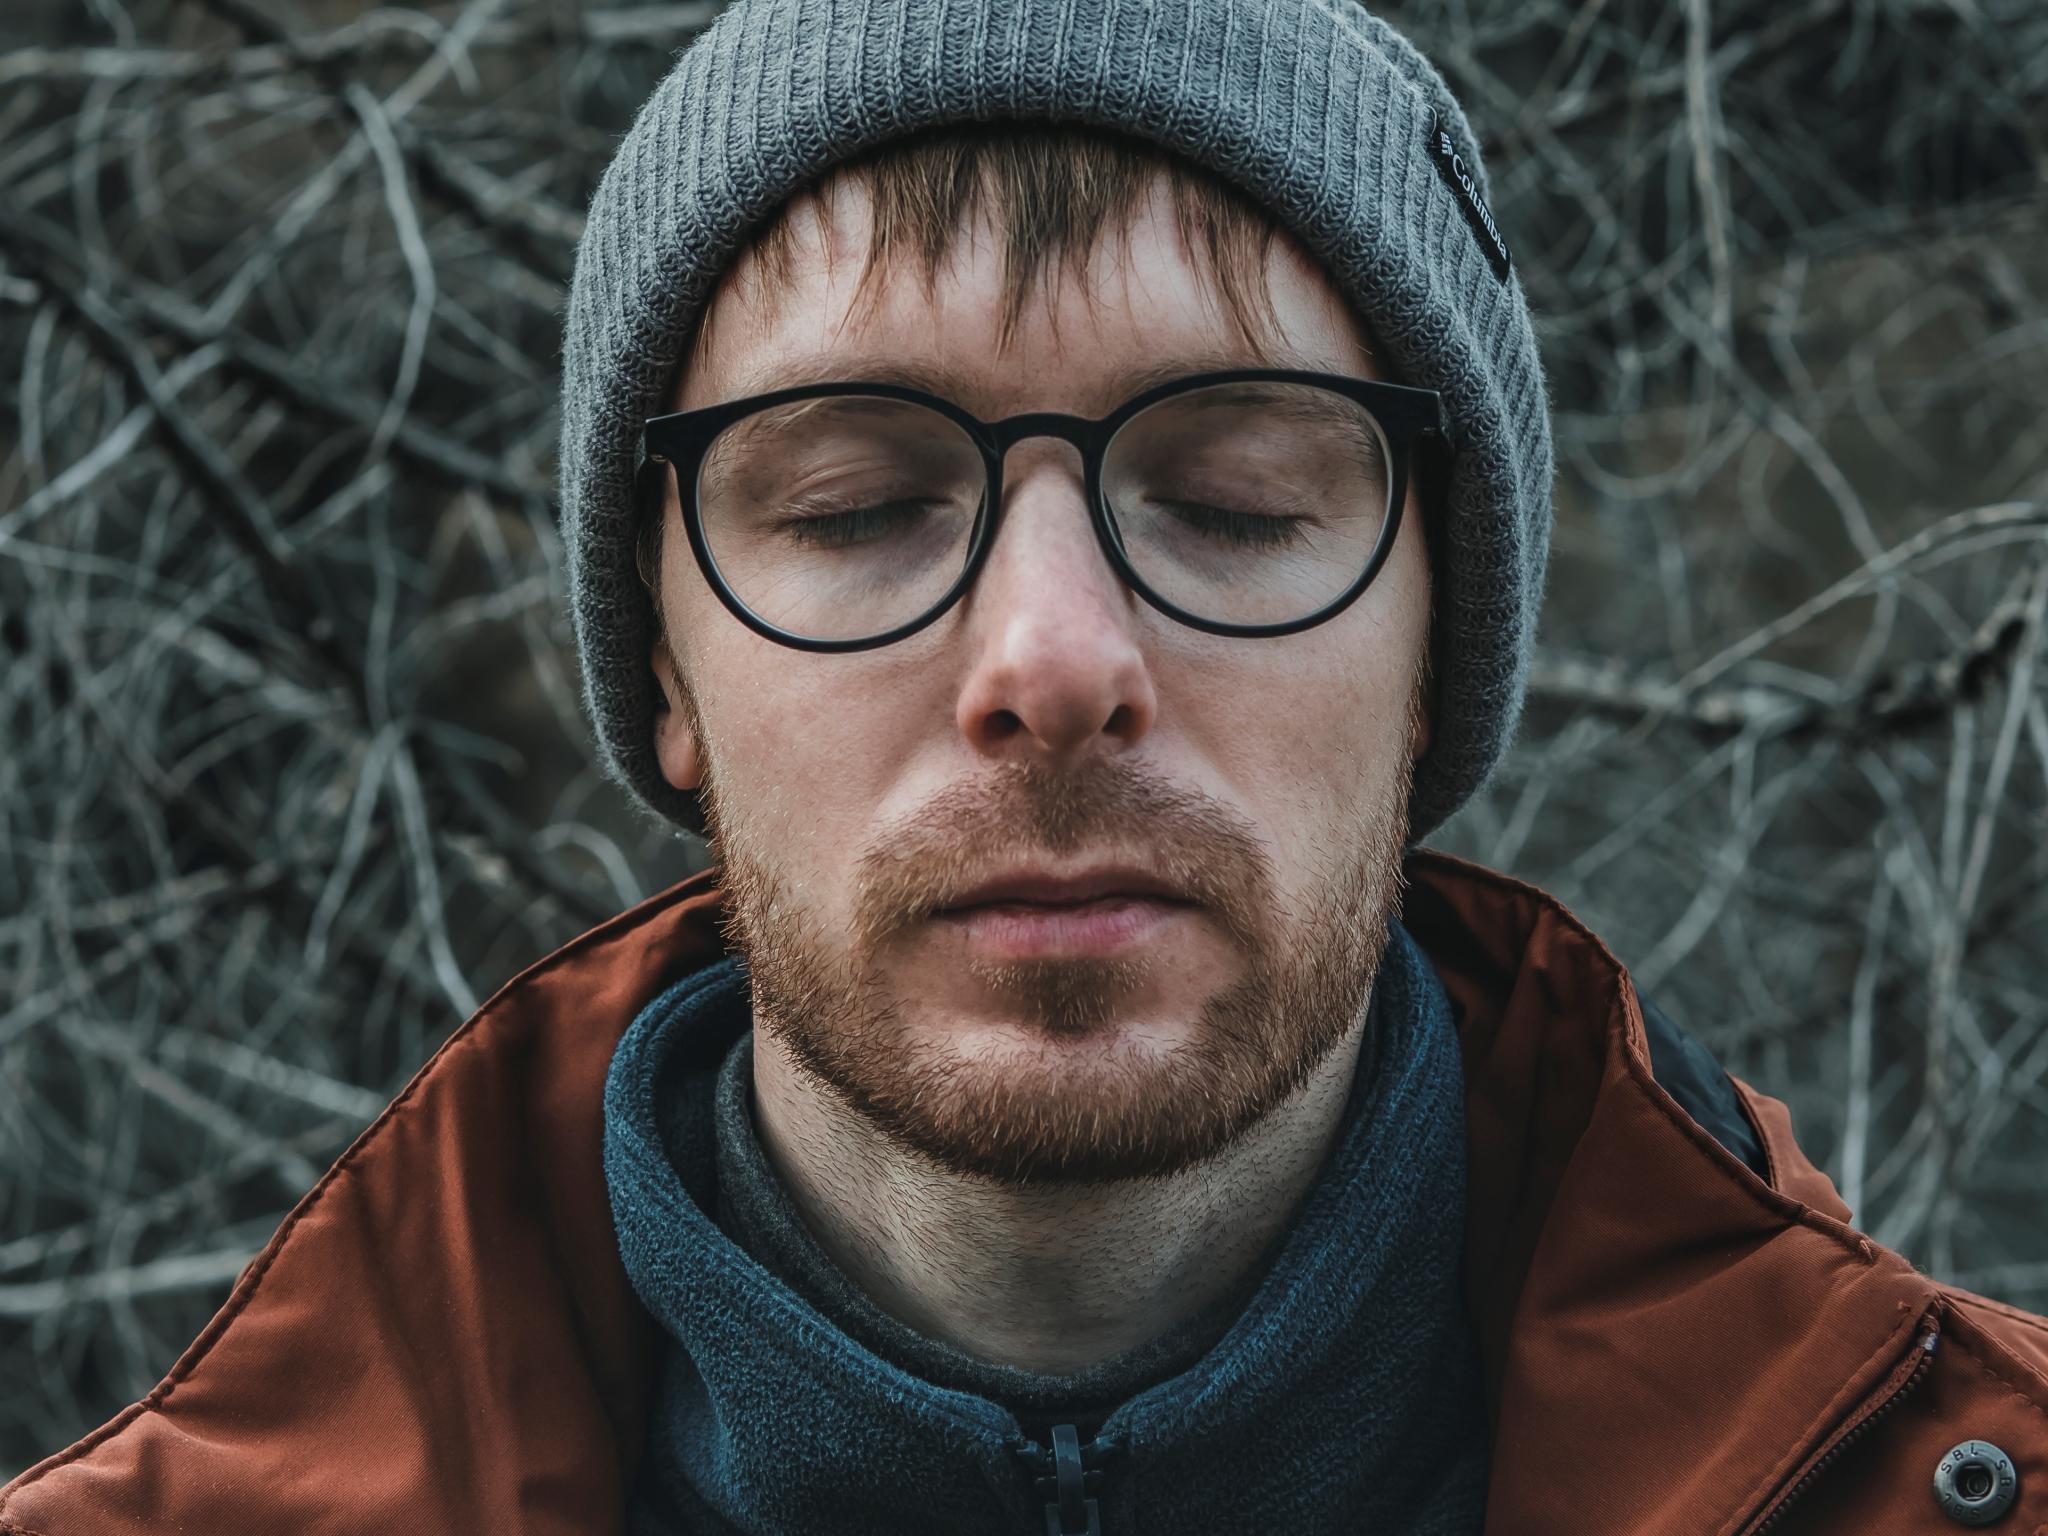 Info Shymkent - Mikhail Vershkov - Enjoy the moment - Self Portrait